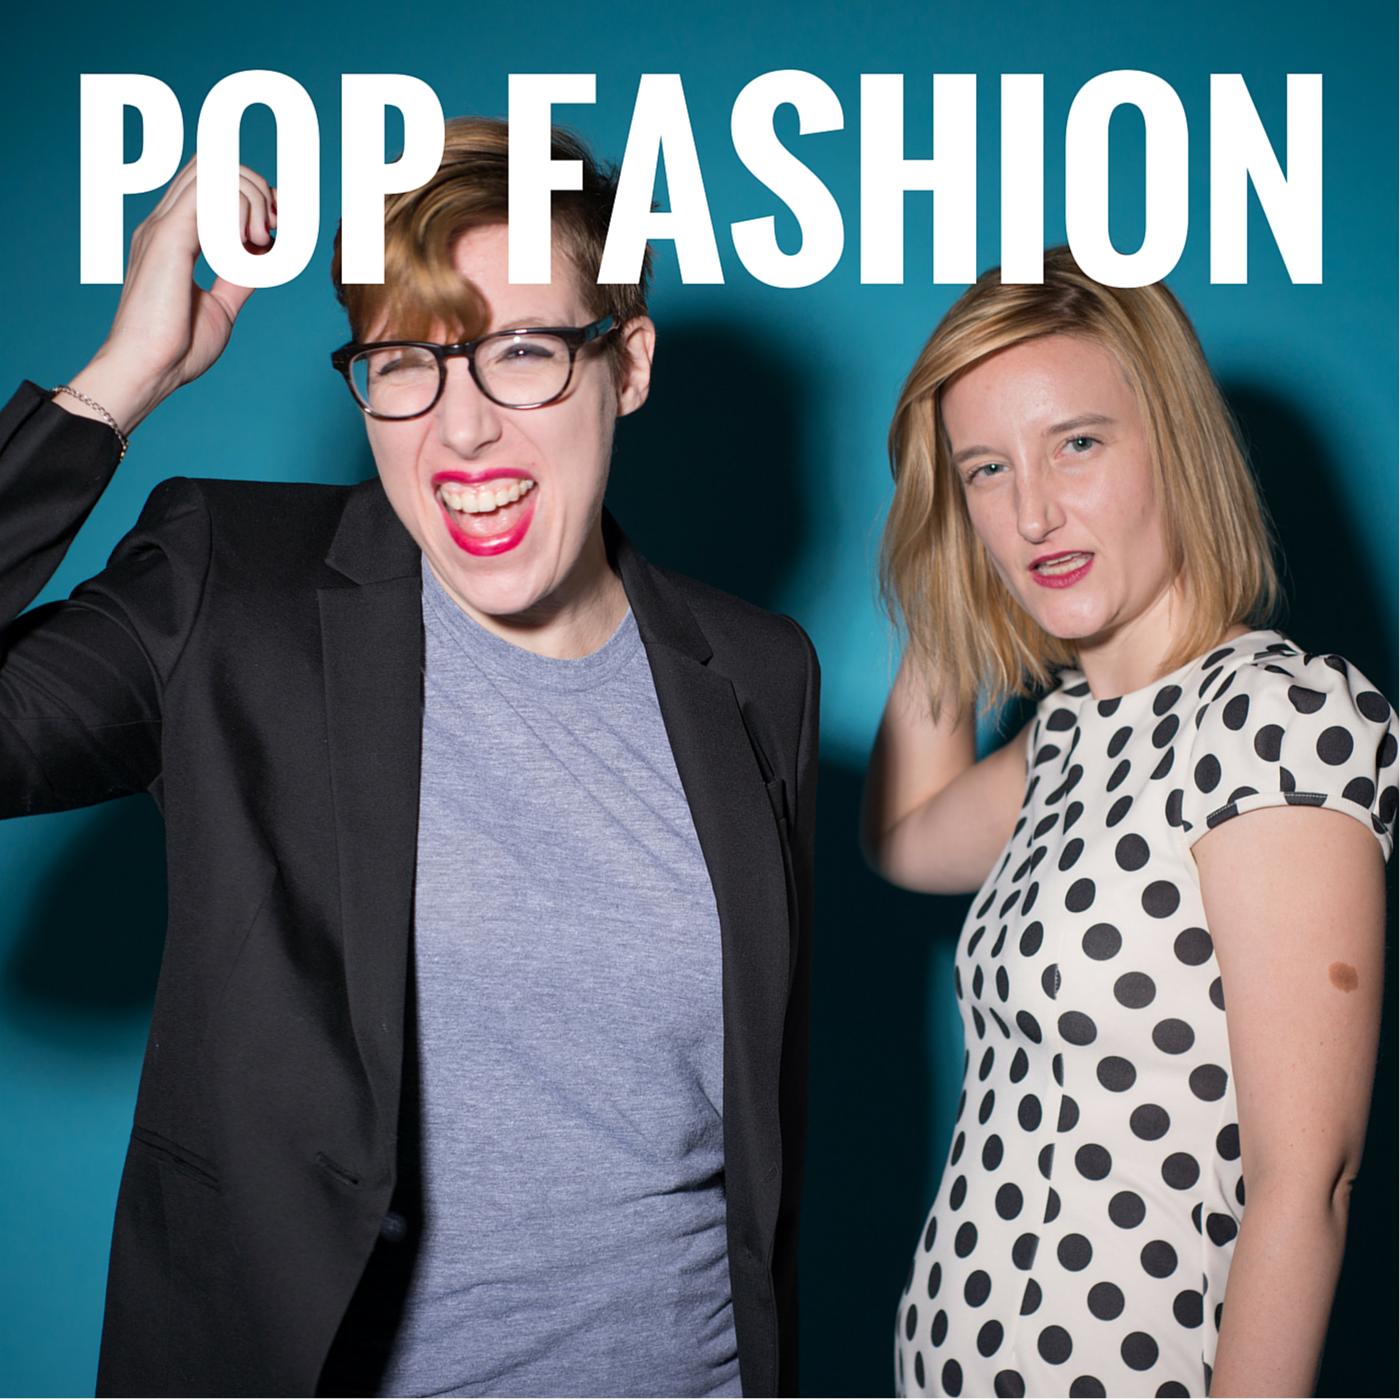 Raf Simons + Calvin Klein, Cargo Short Fashion, Dolce & Gabbana